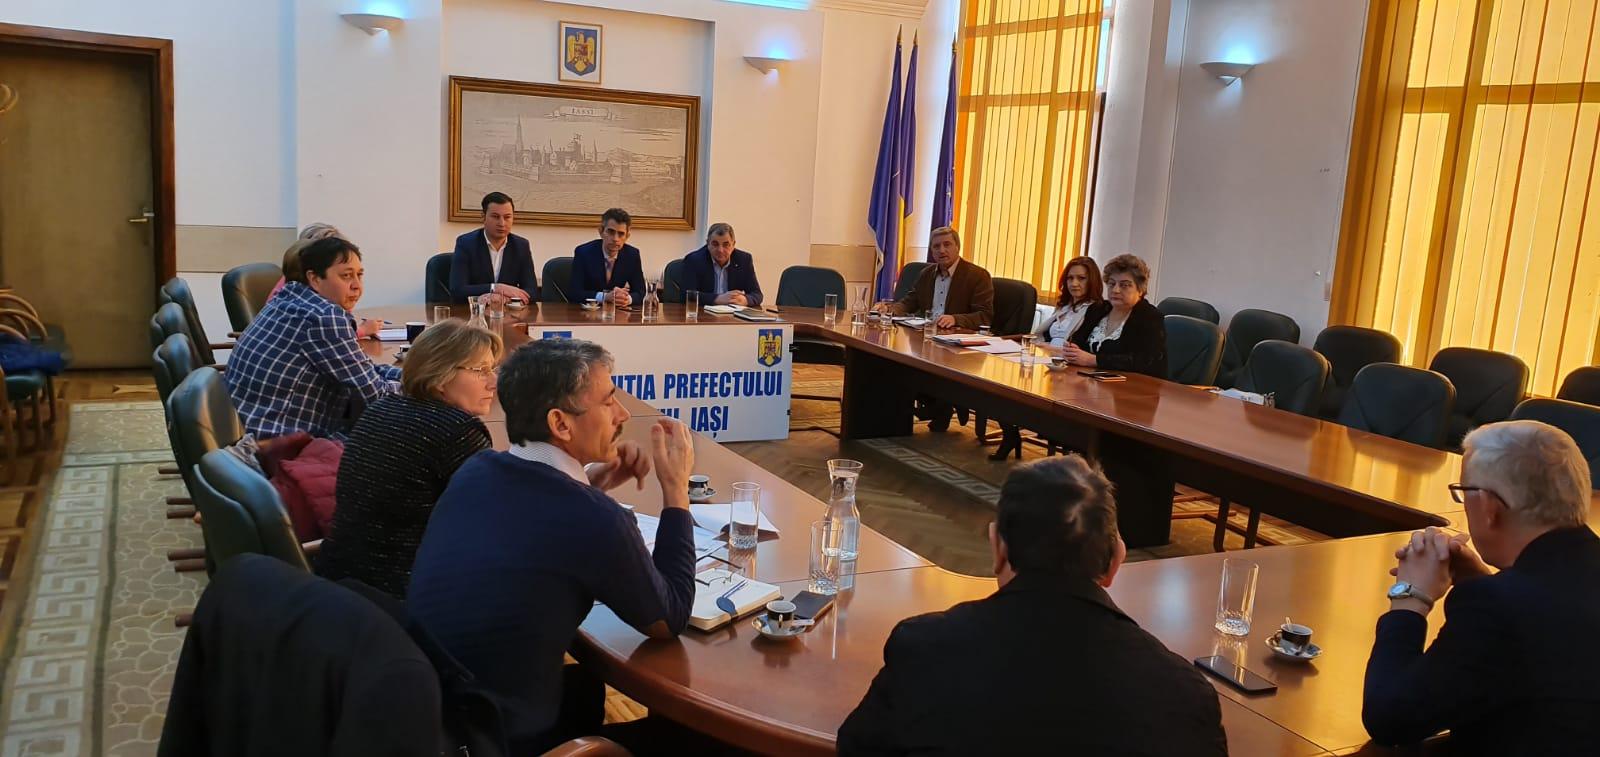 Prefectul face demersuri la Iași pentru probleme de fond funciar ale unor săteni din Tămășeni